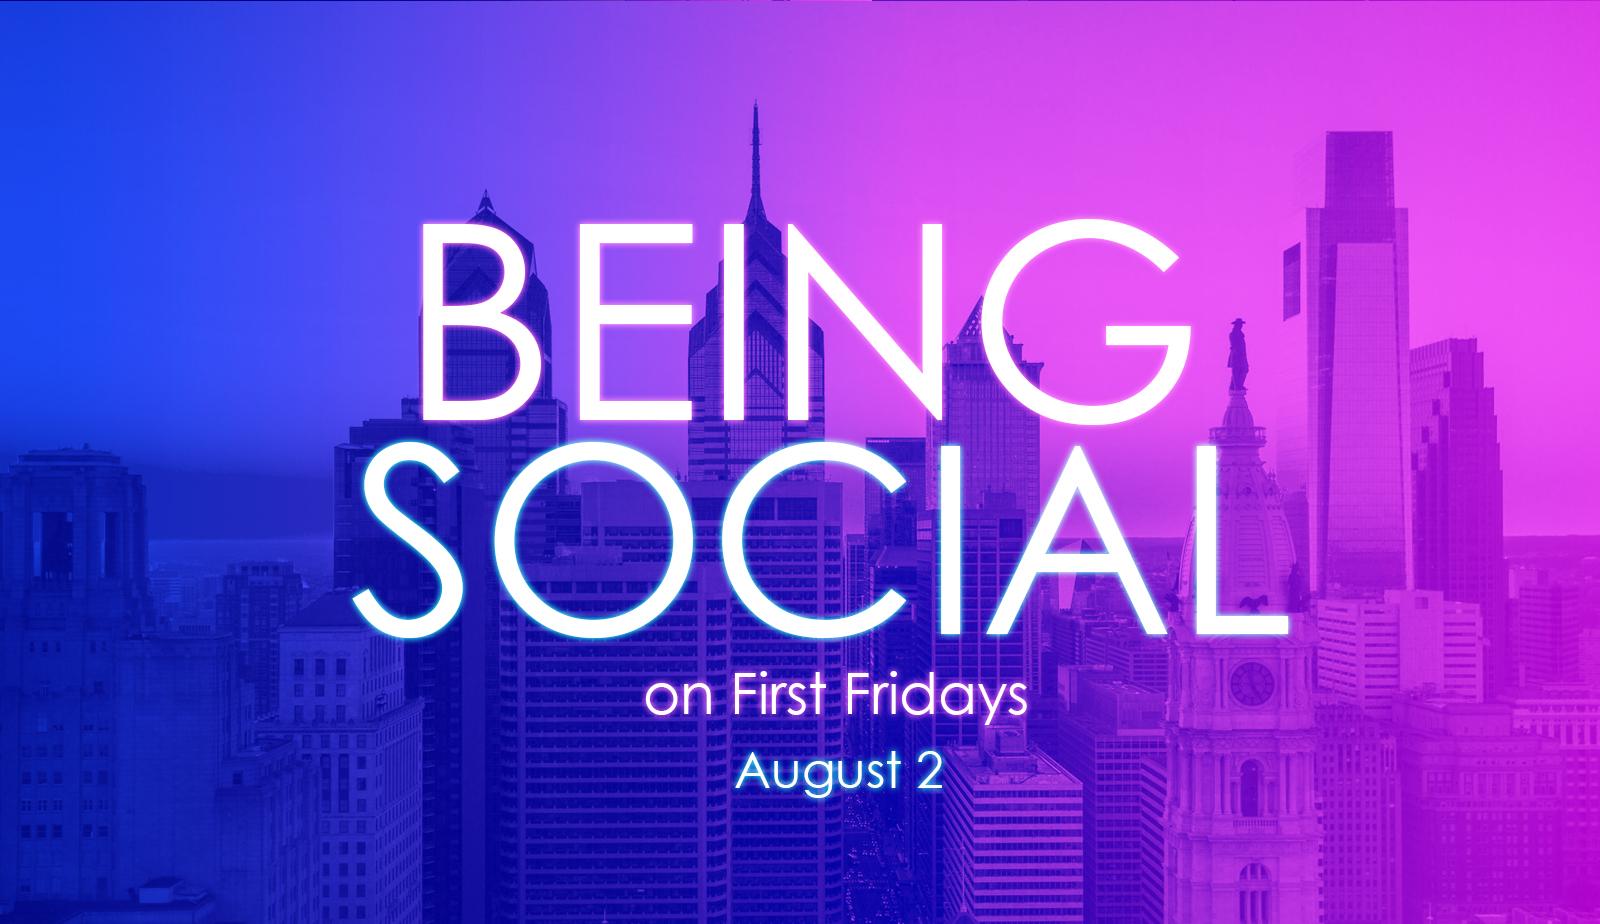 beingsocial2.jpg